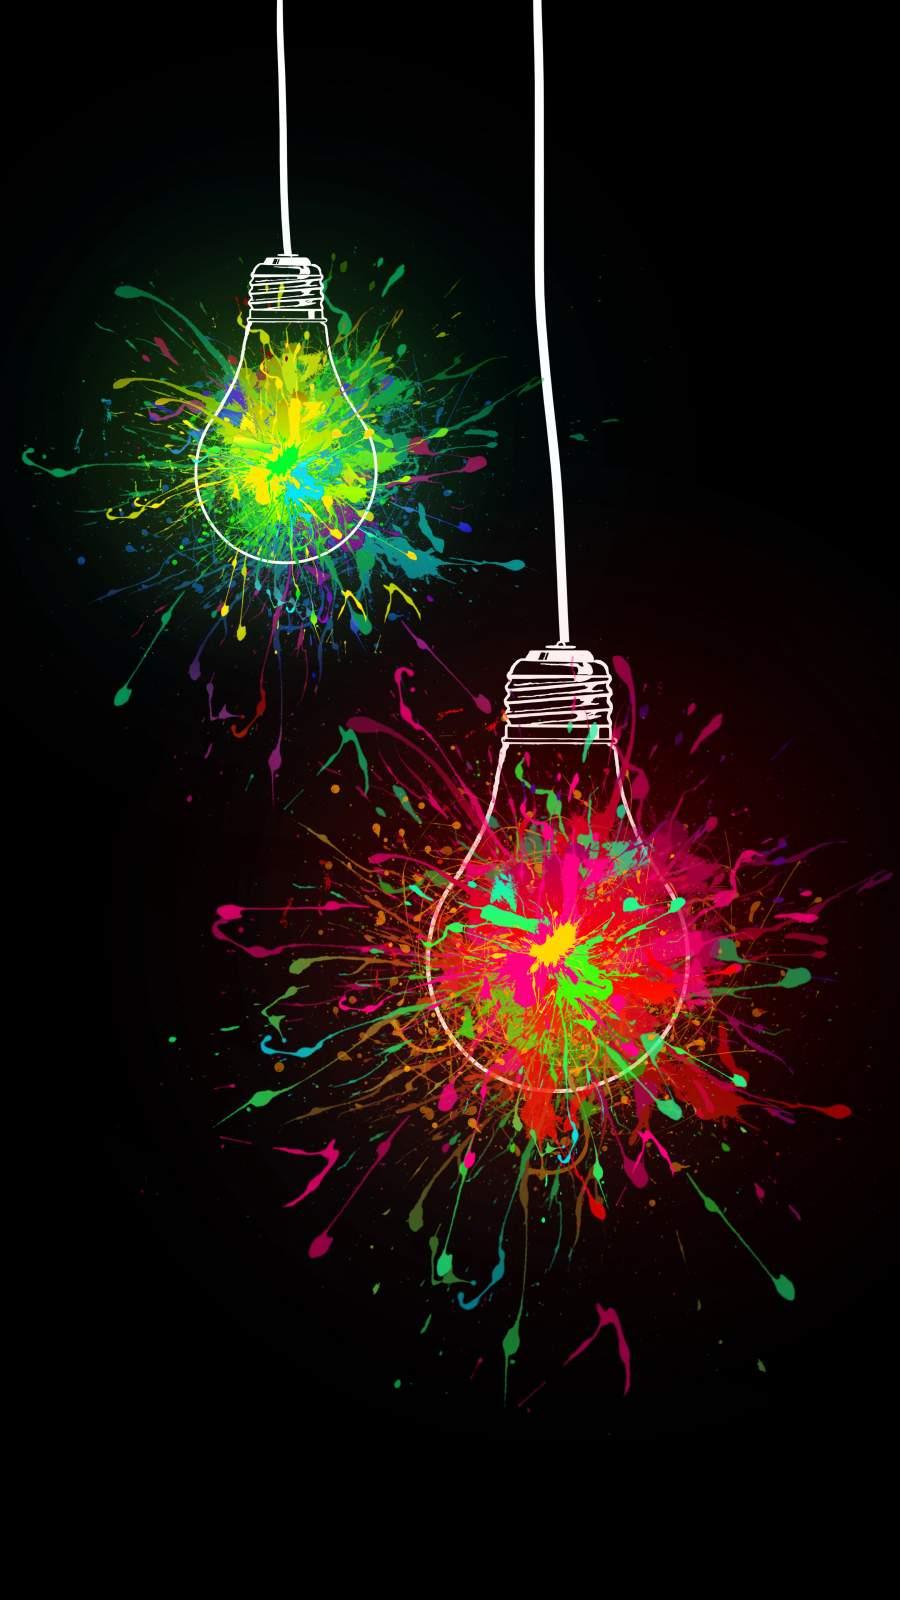 Amoled Bulb iPhone Wallpaper